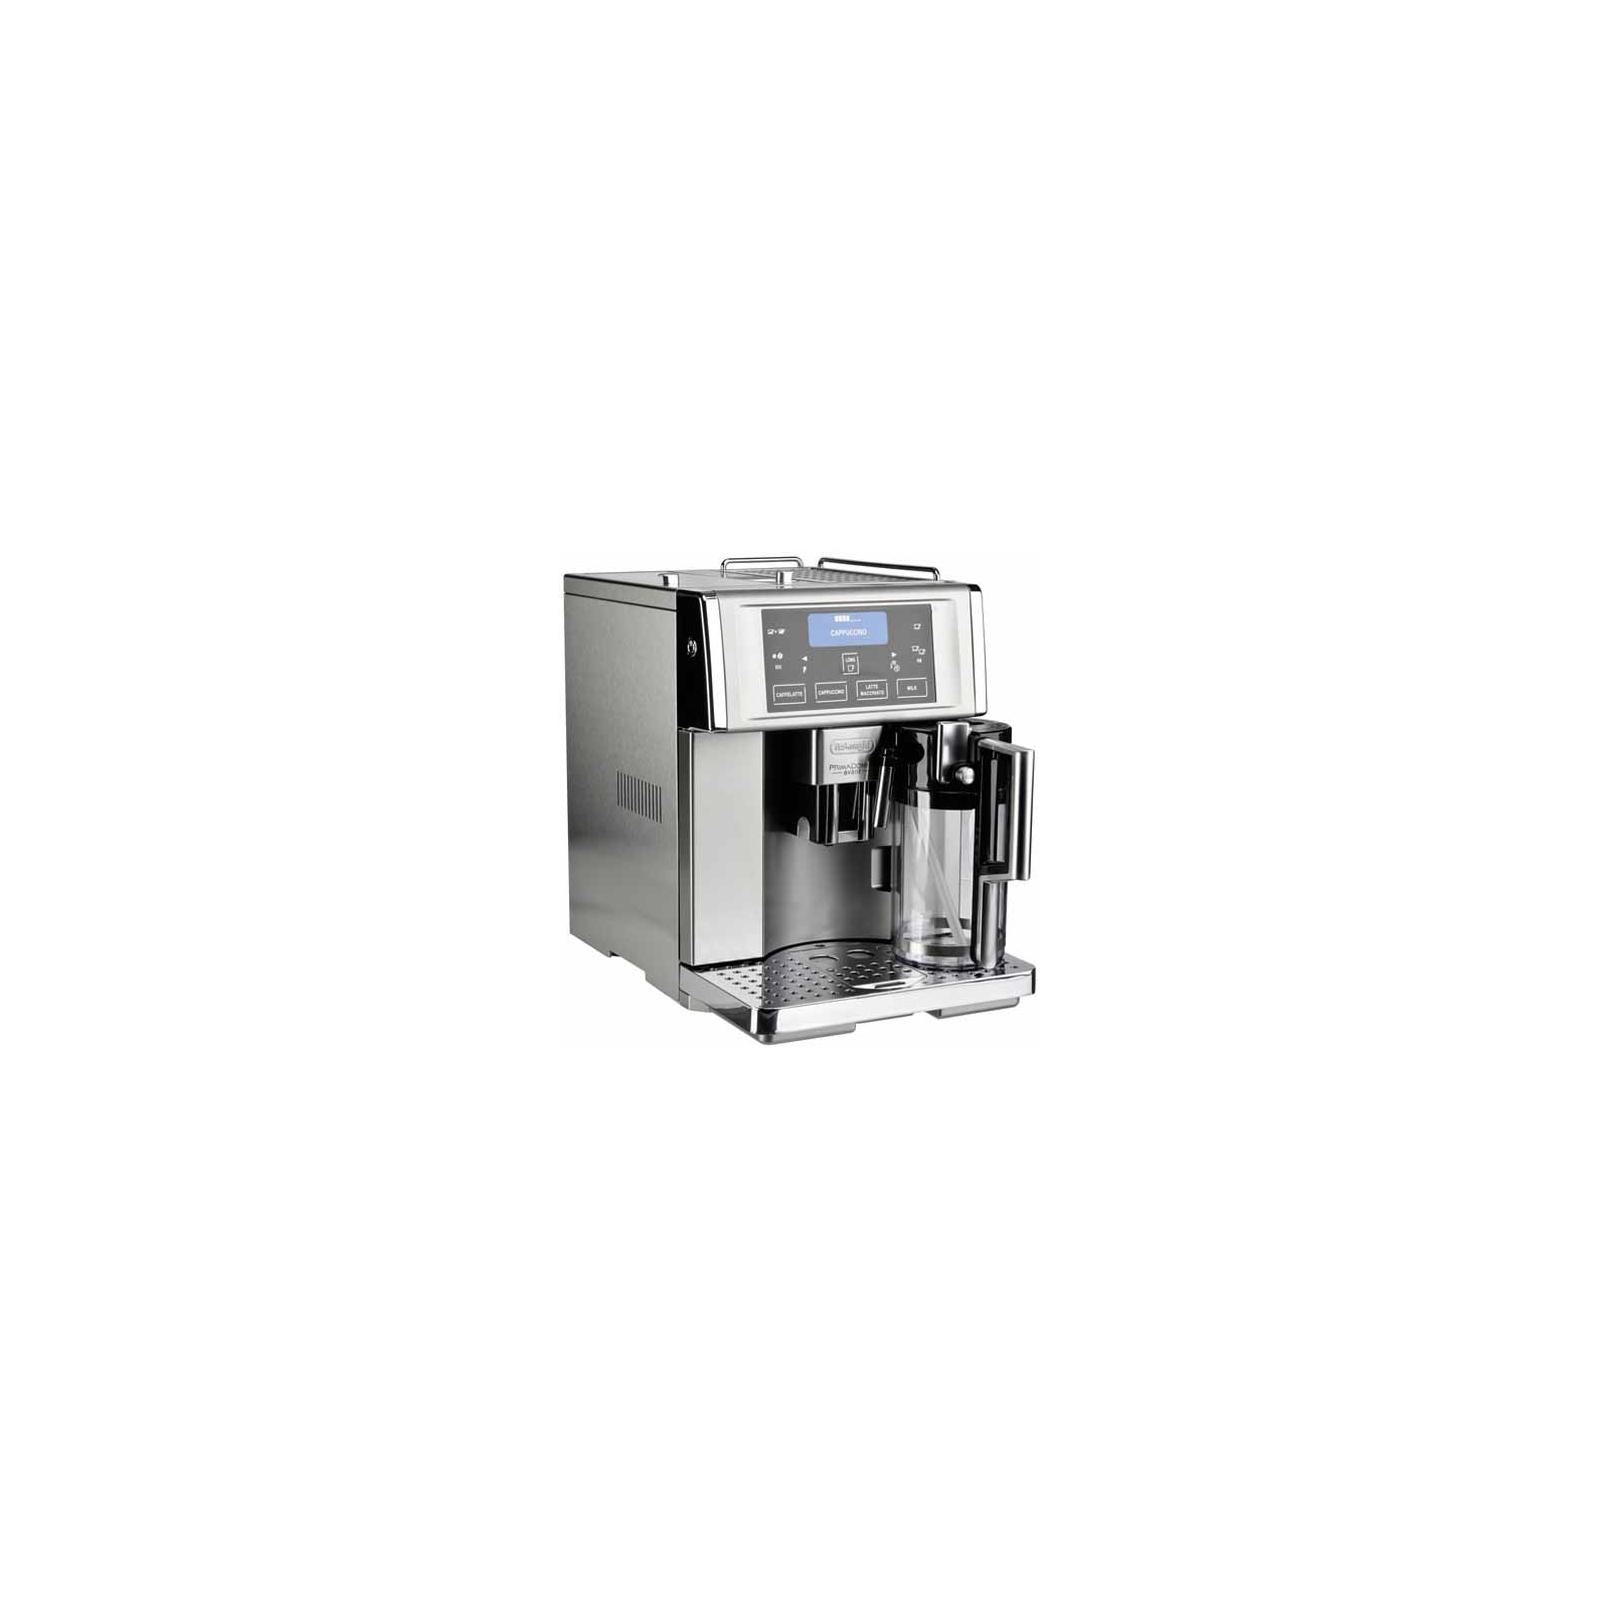 Кофеварка DeLonghi ESAM 6700 (ESAM6700) изображение 2